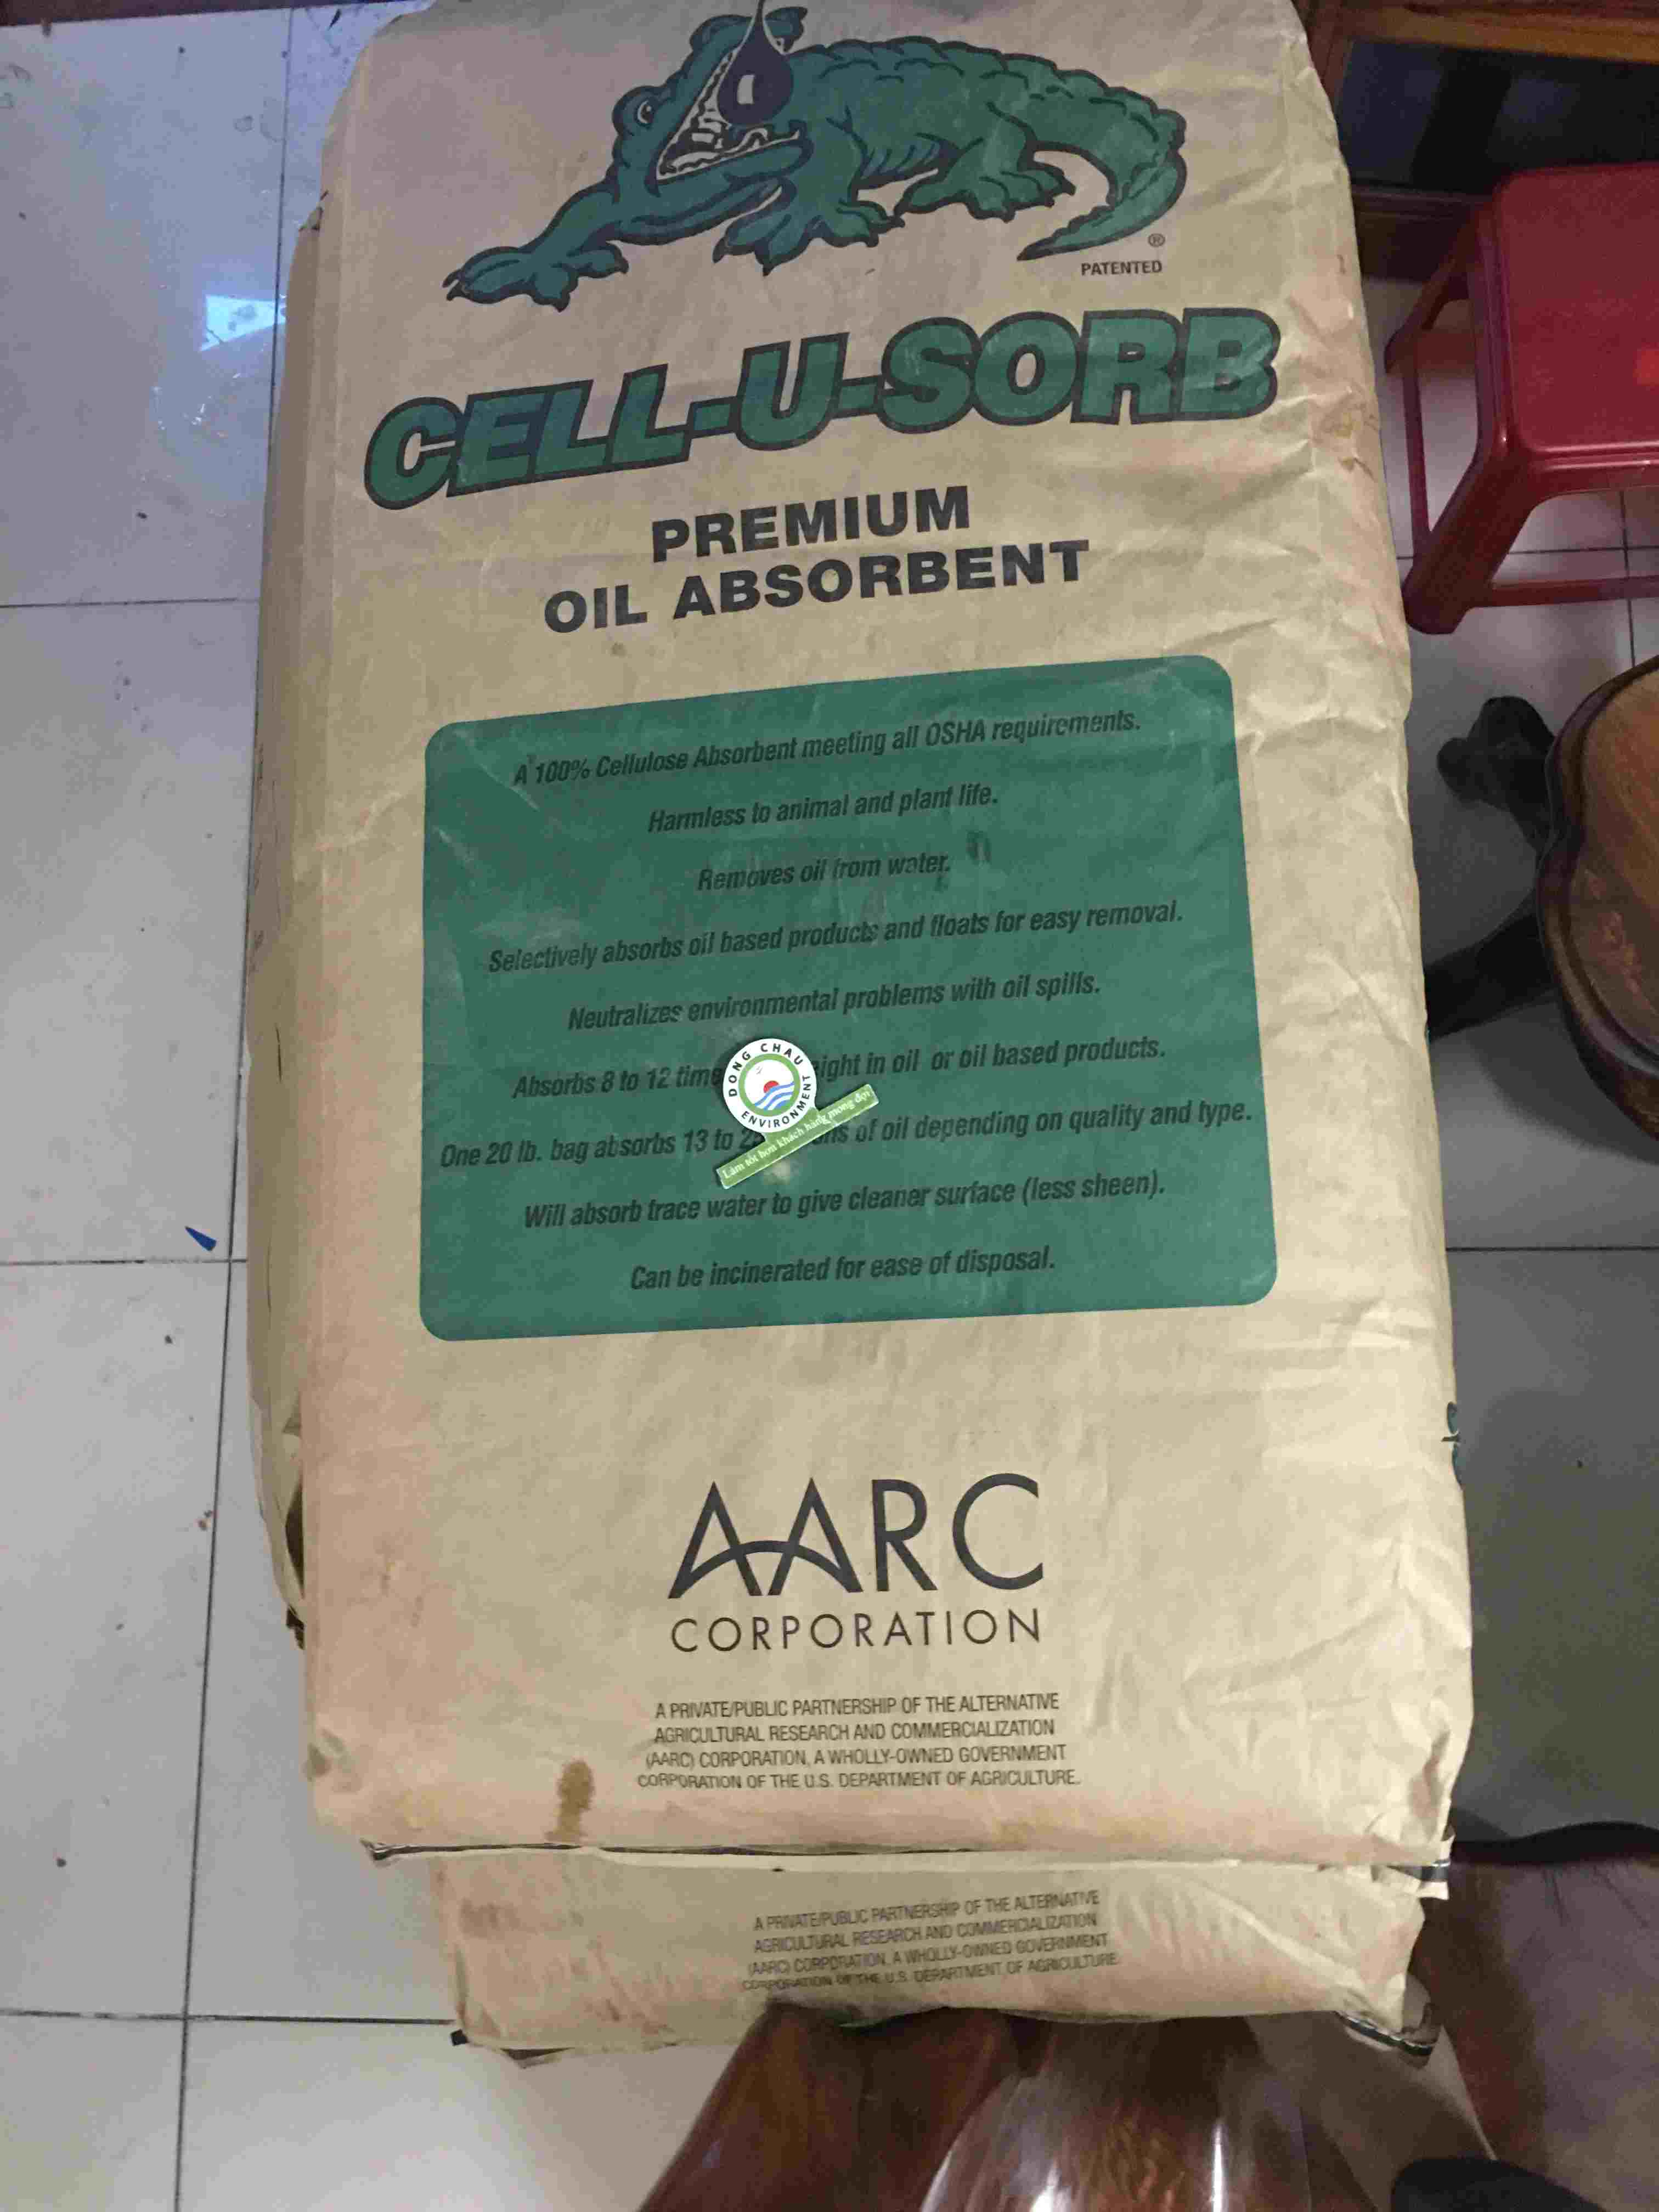 Bao bông thấm dầu tràn vãi Gator Cell-u-sorb Cell-U-Sorb